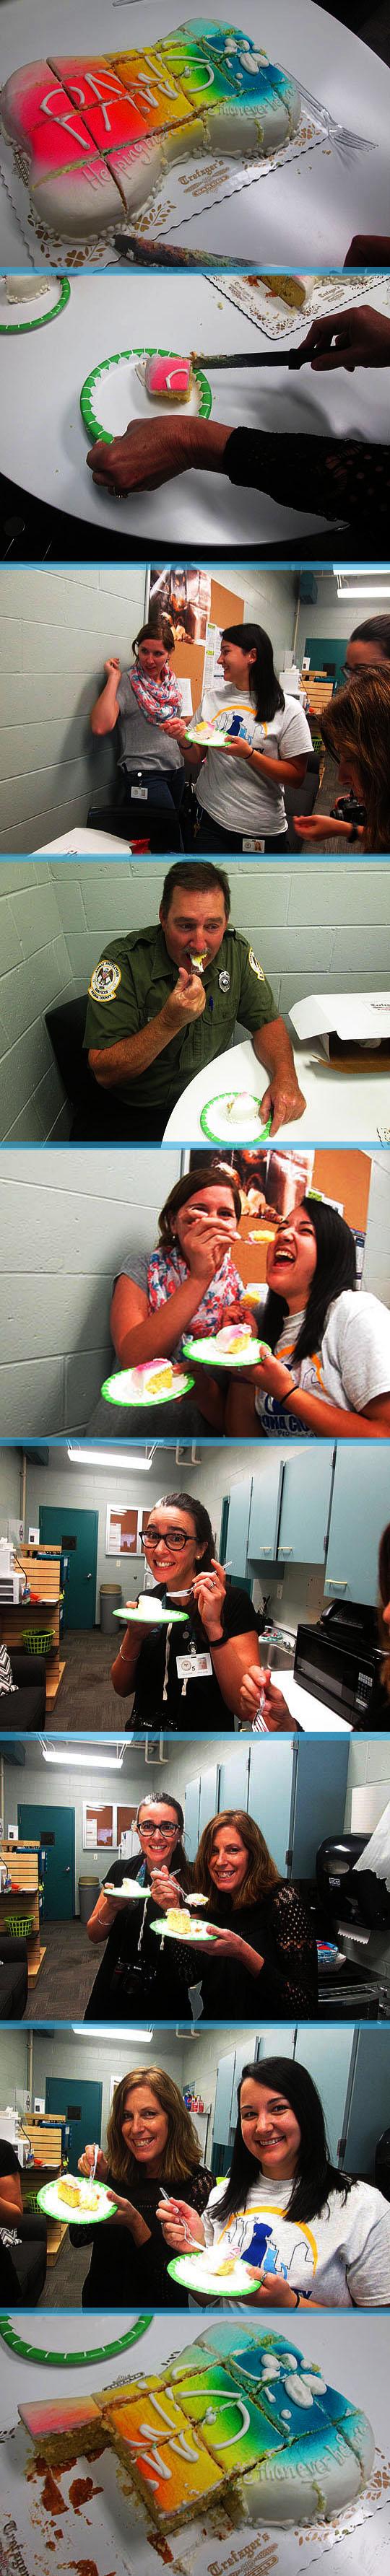 12. eatingcake_sept13-17.jpg